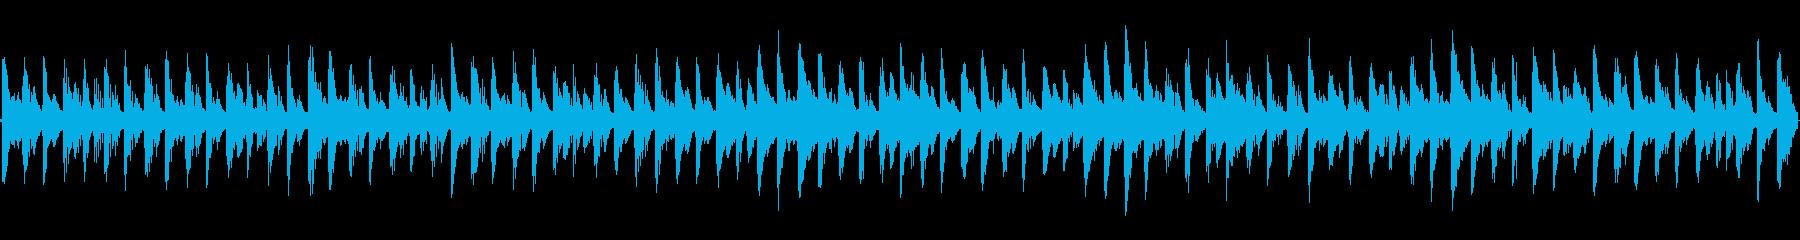 8bit  Ave Maria(ループ)の再生済みの波形